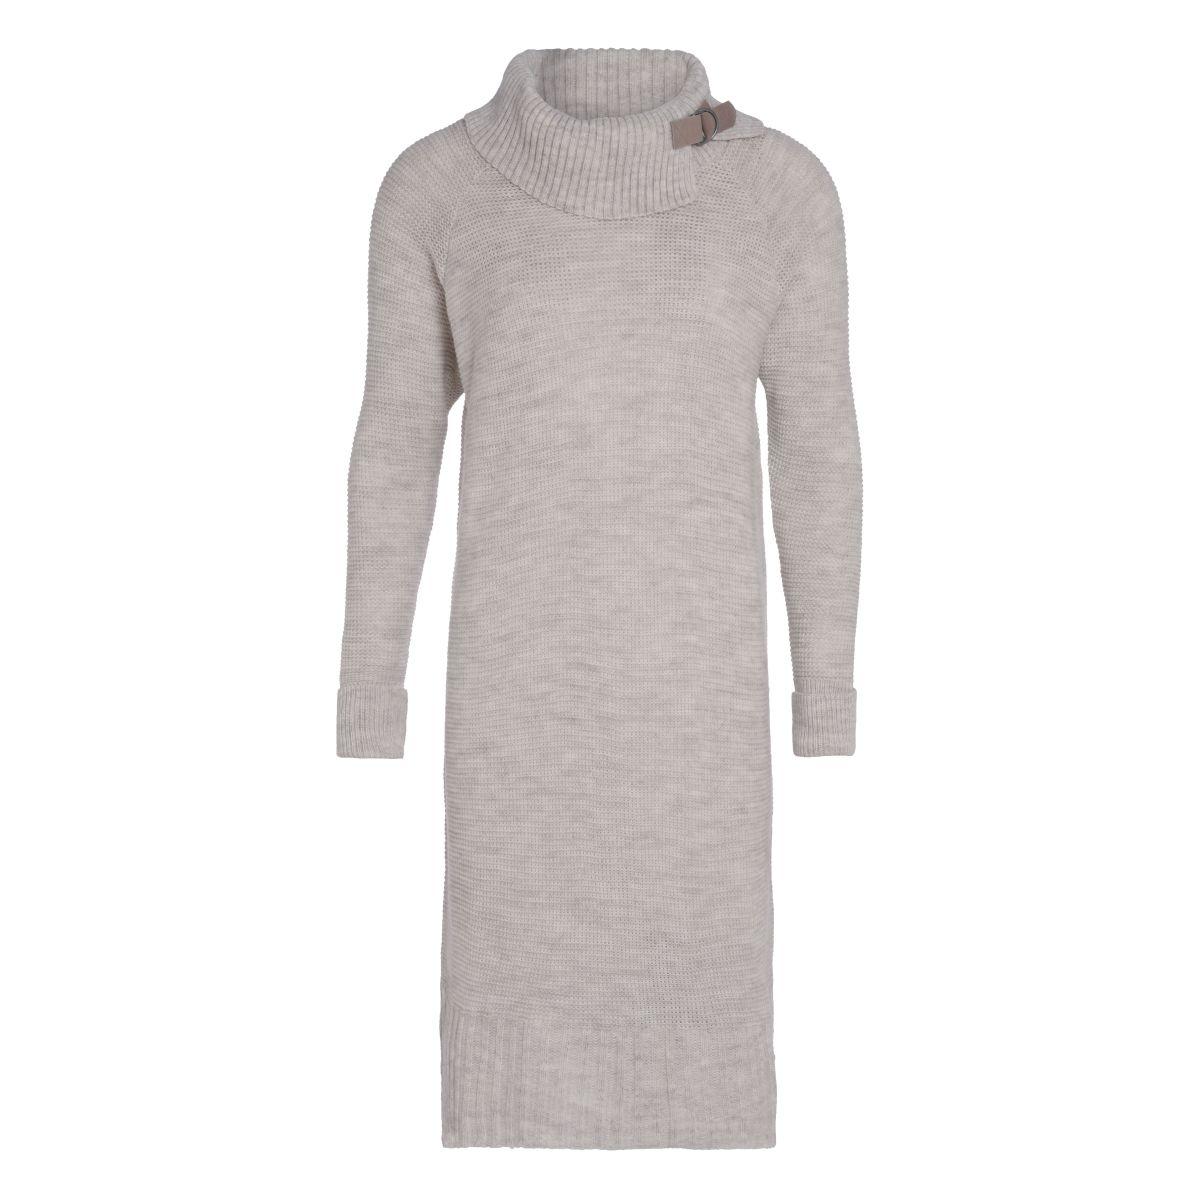 jamie gebreide jurk beige 3638